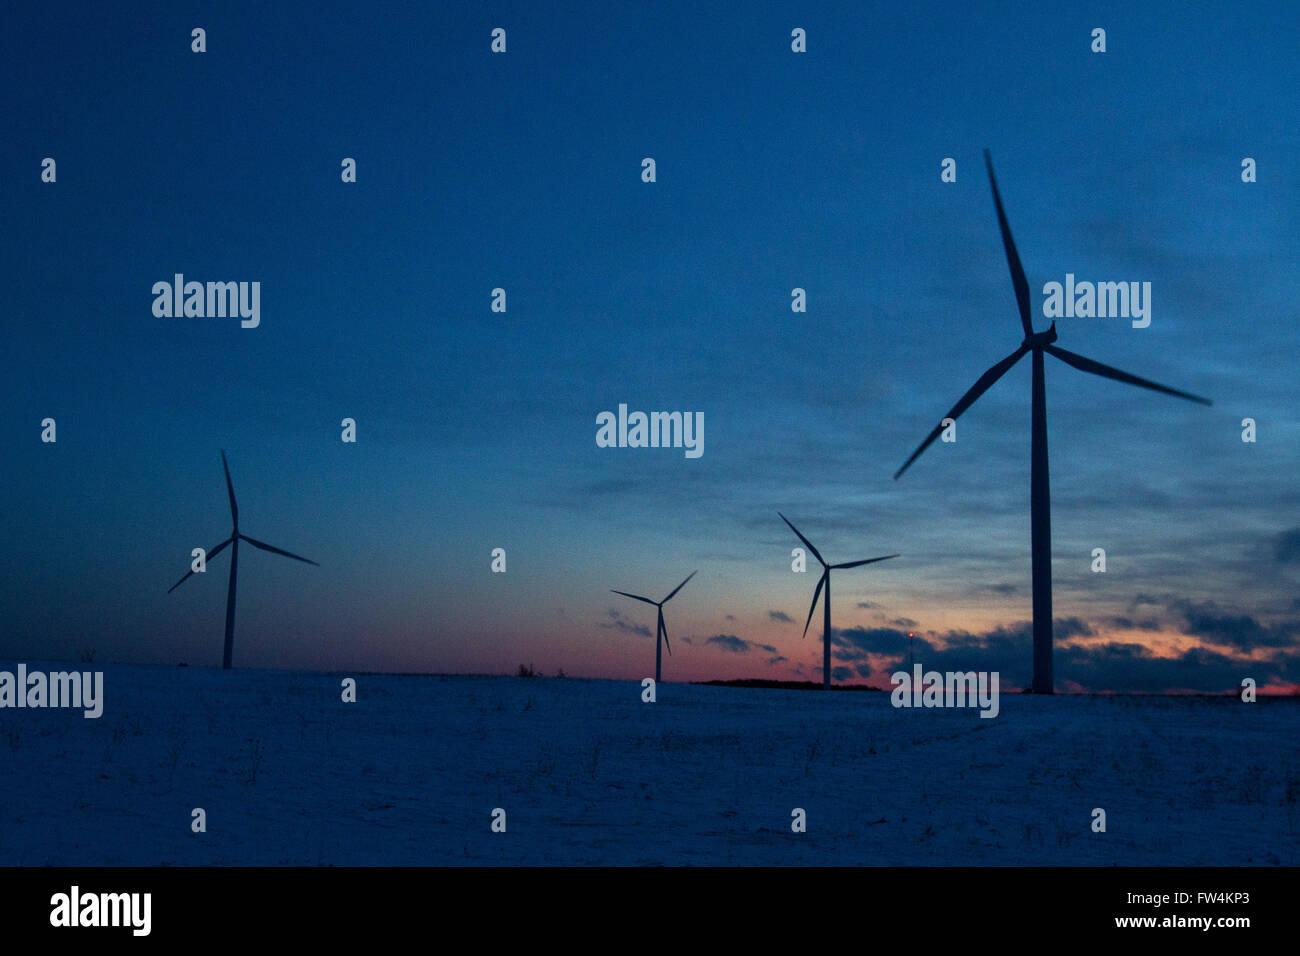 Windkraftanlagen kurz vor Sonnenaufgang auf Wolfe Island in der Nähe von Marysville, ont., auf Samstag, 23. Stockbild